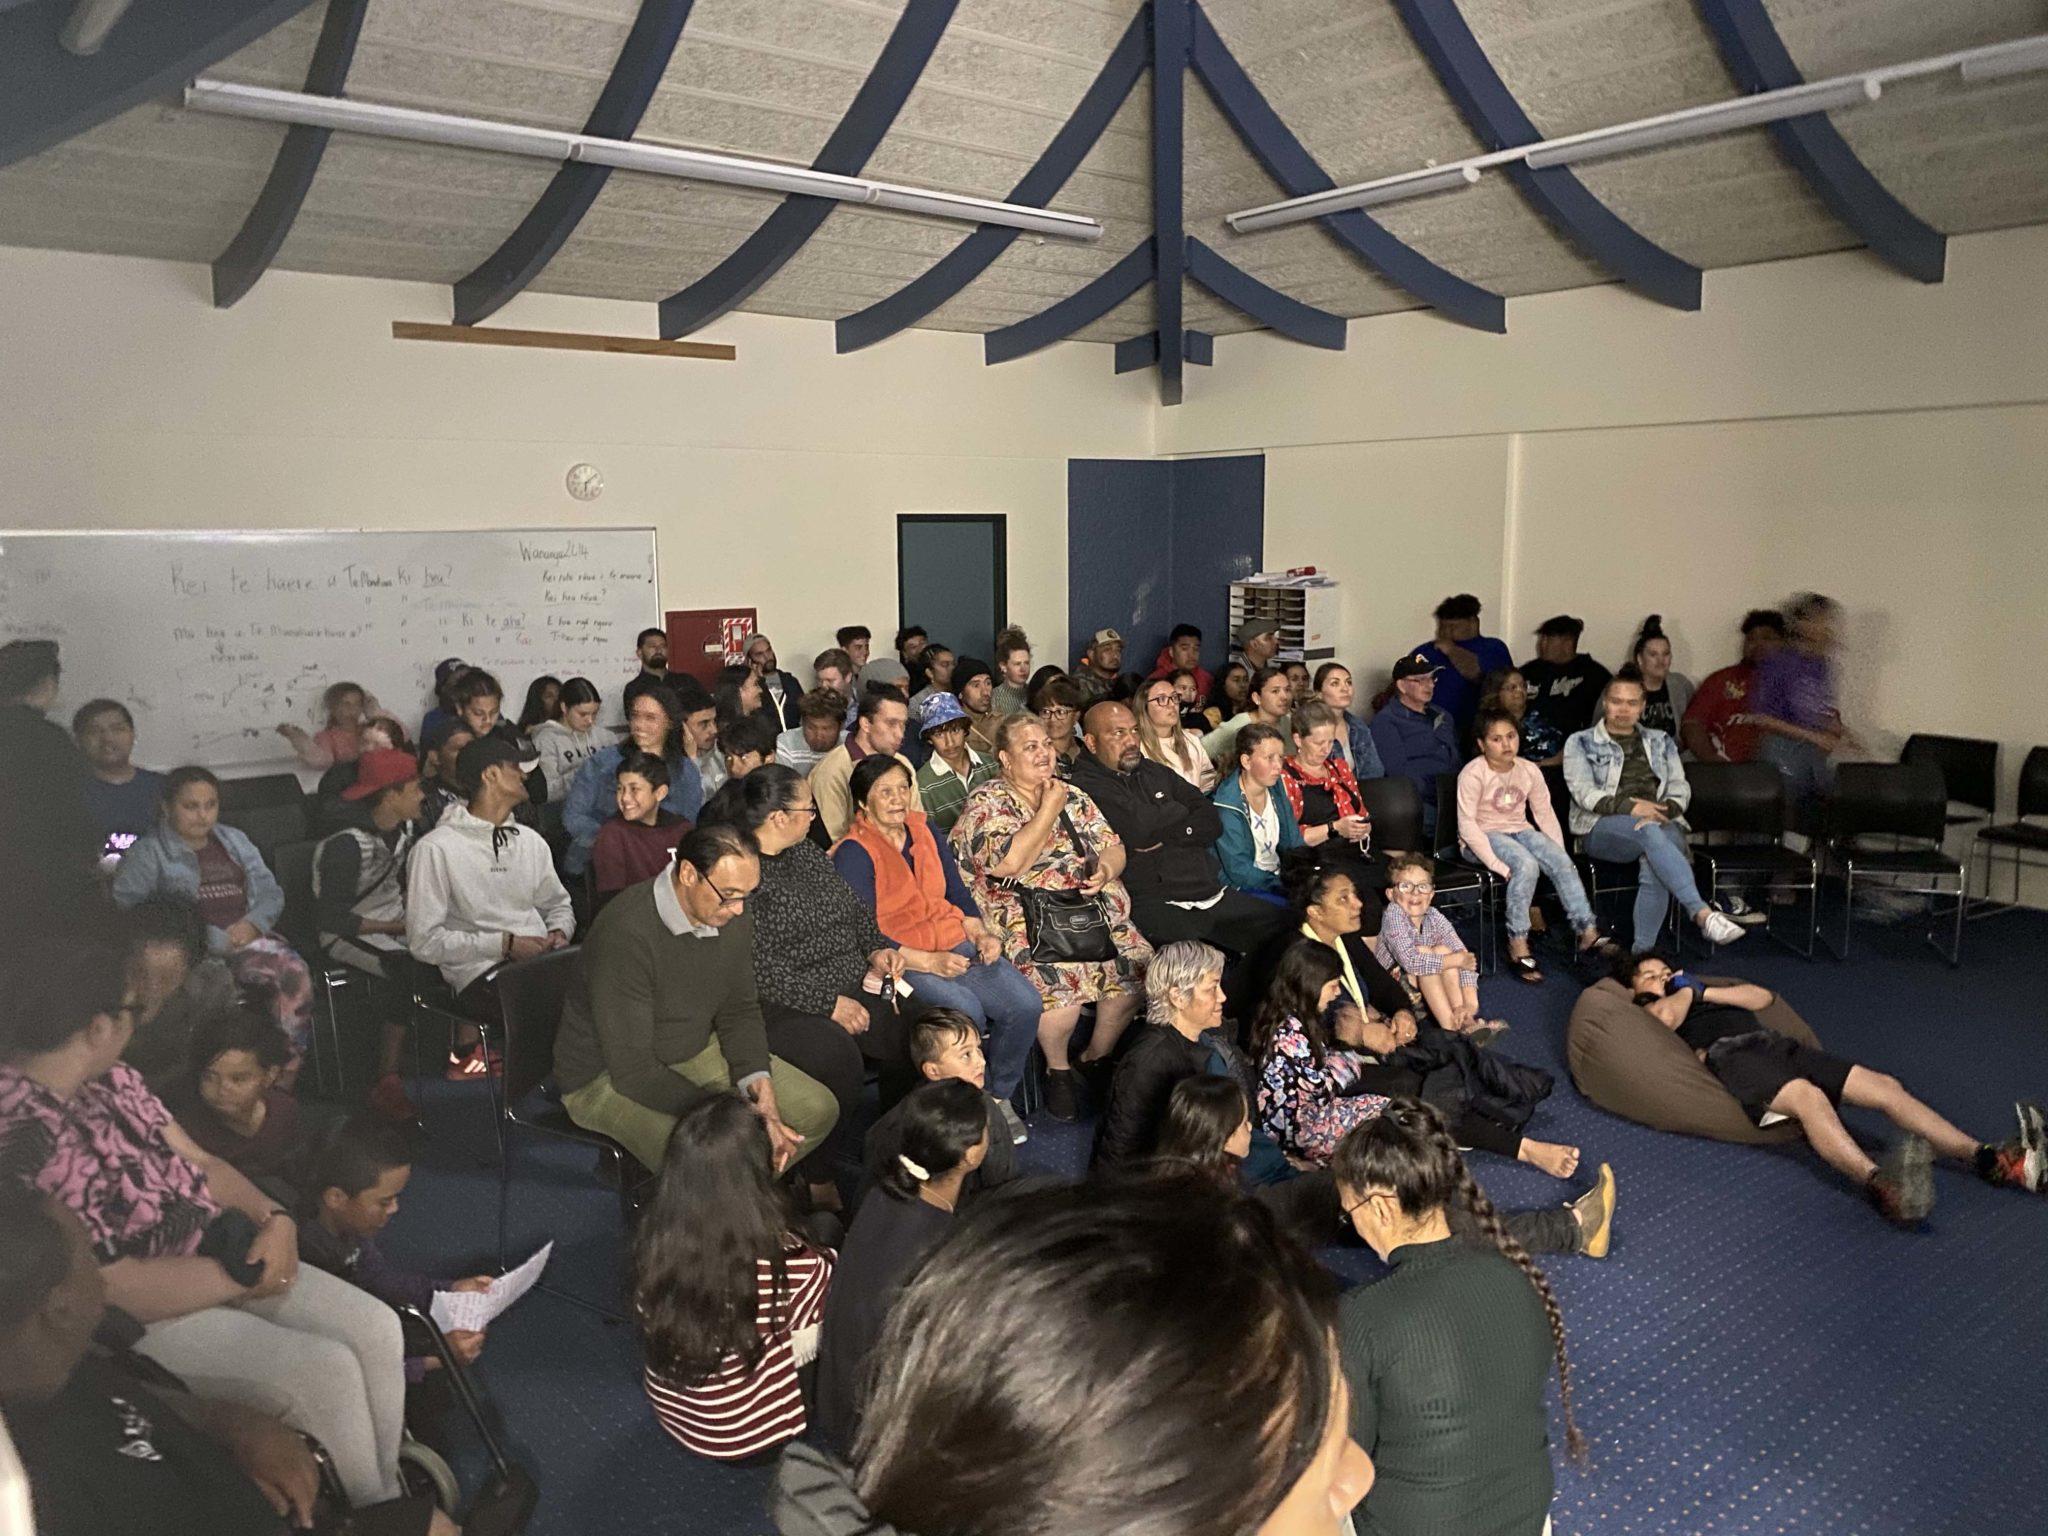 Whānau enjoy the films created by their rangatahi at the end of one of the Māoriland filmmaking workshops  in Tūranganui-a-Kiwa.